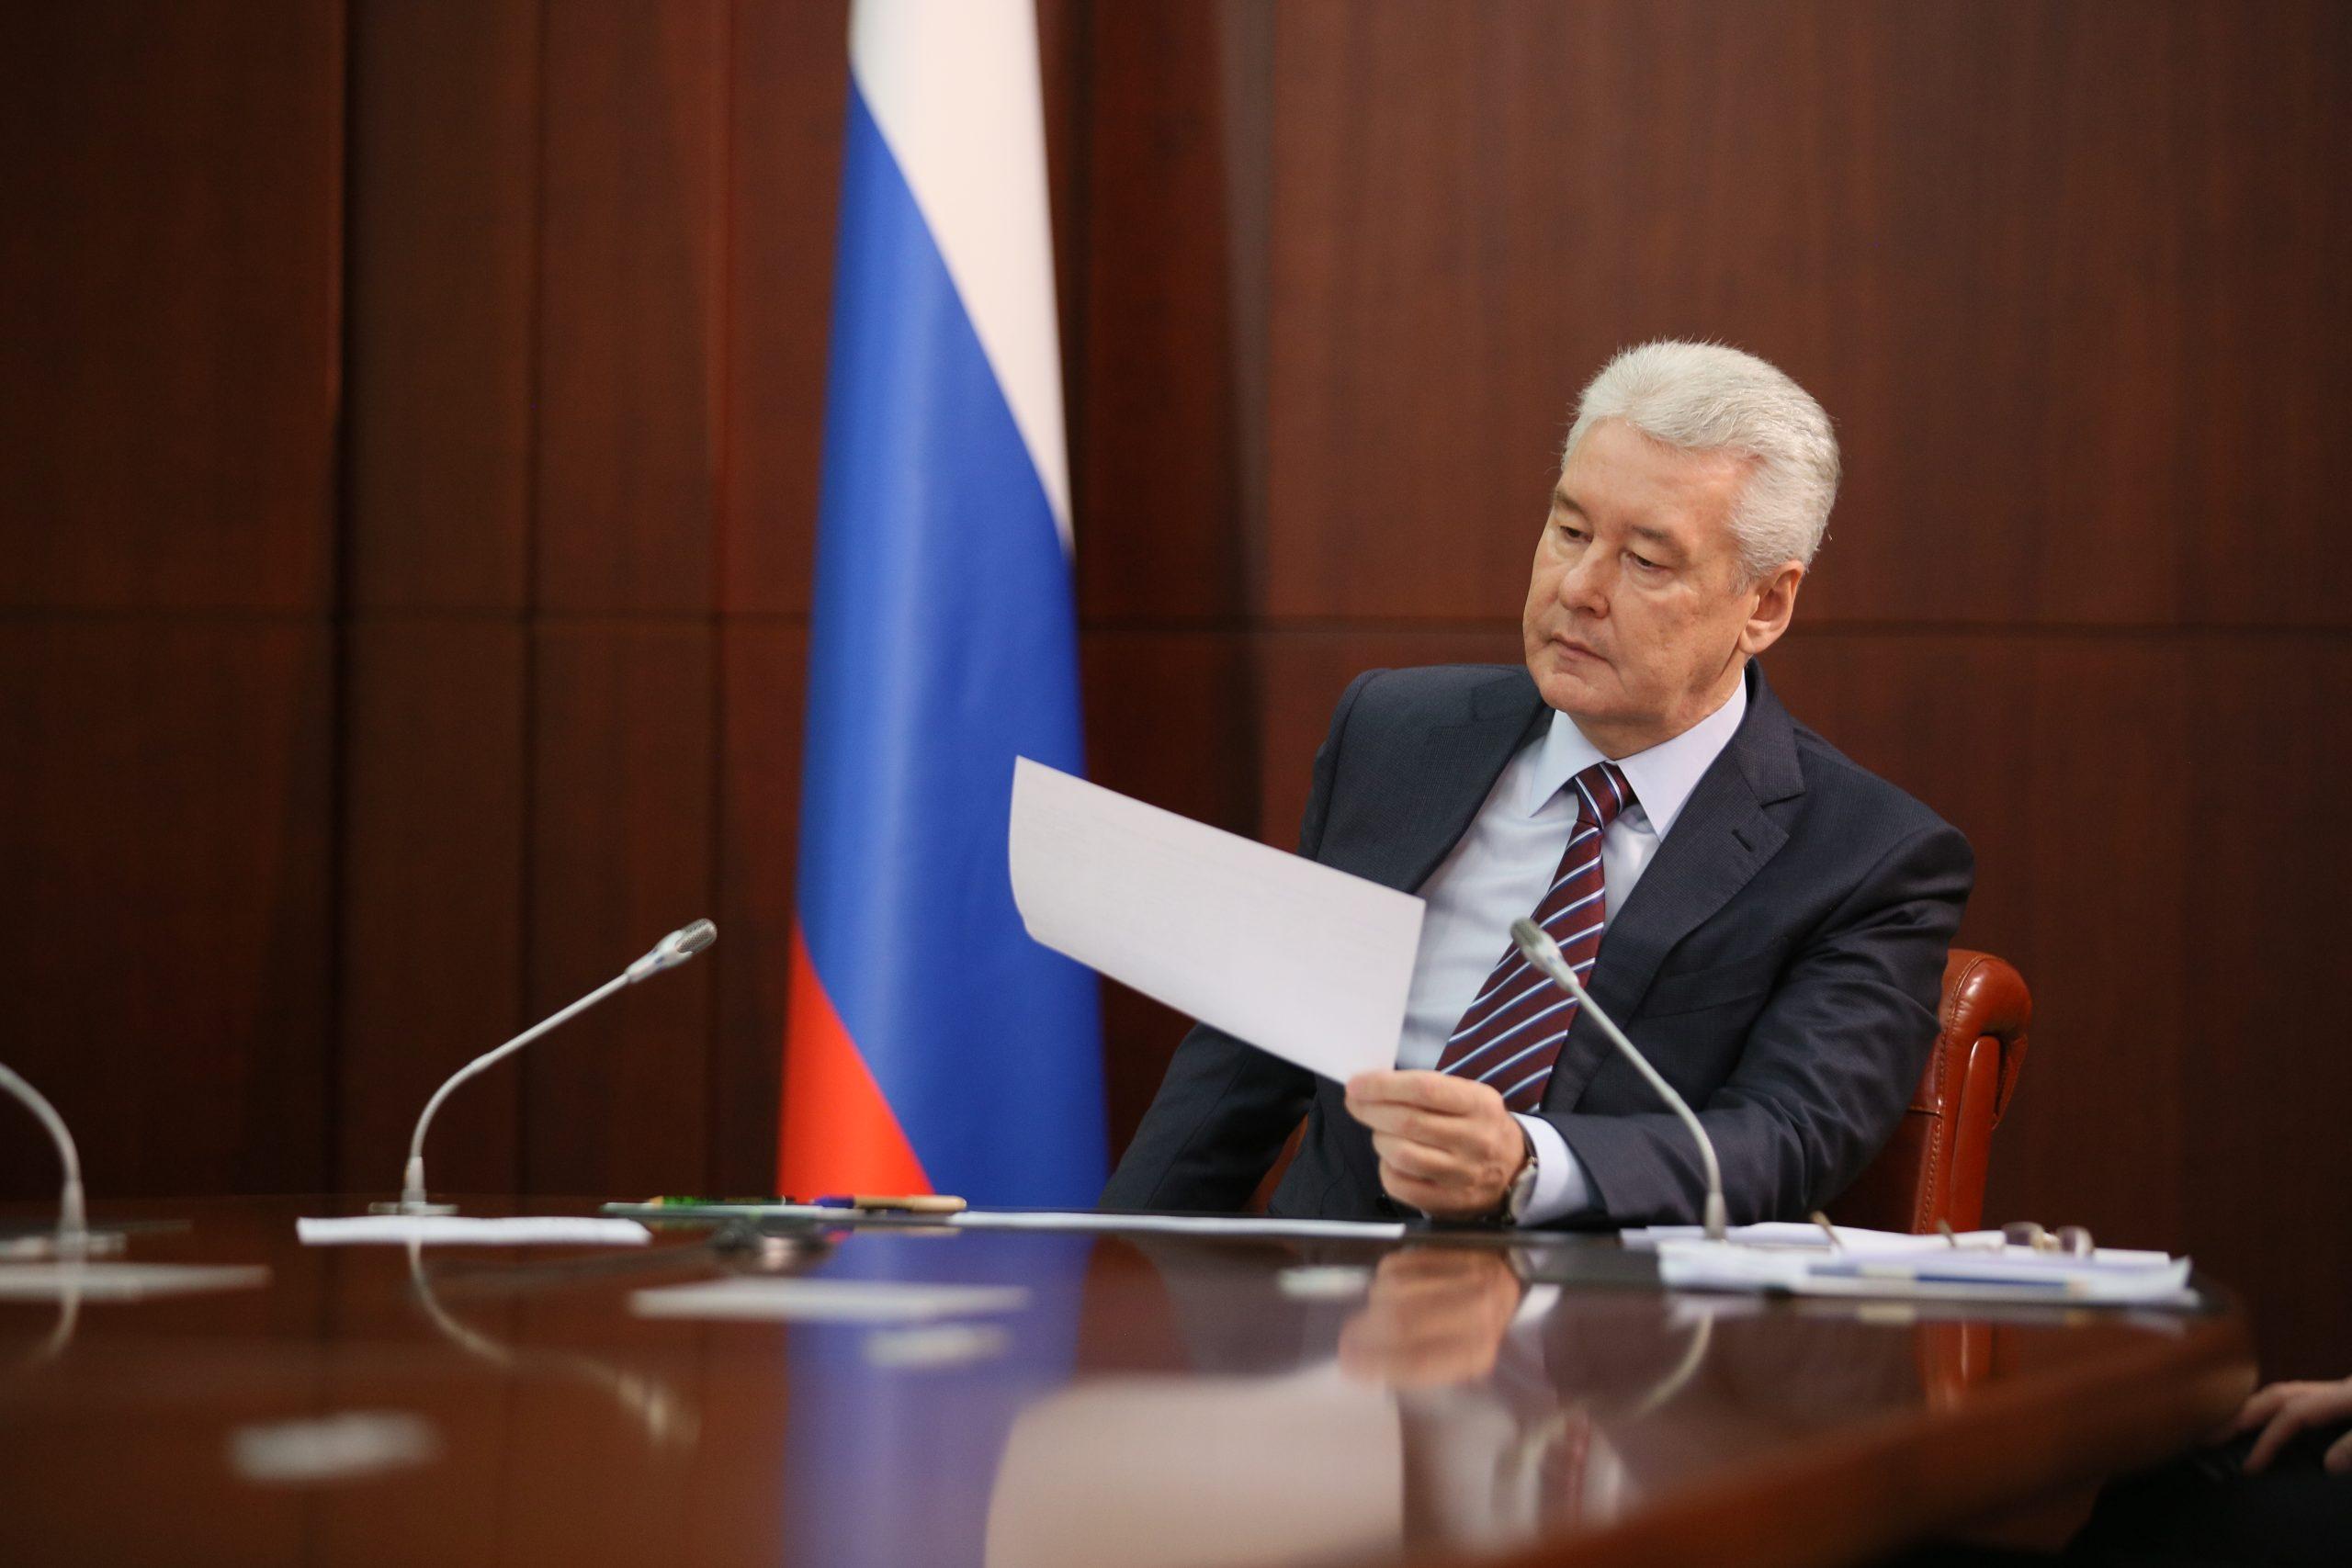 Собянин подписал постановление о порядке реализации проекта «Социальный контракт»